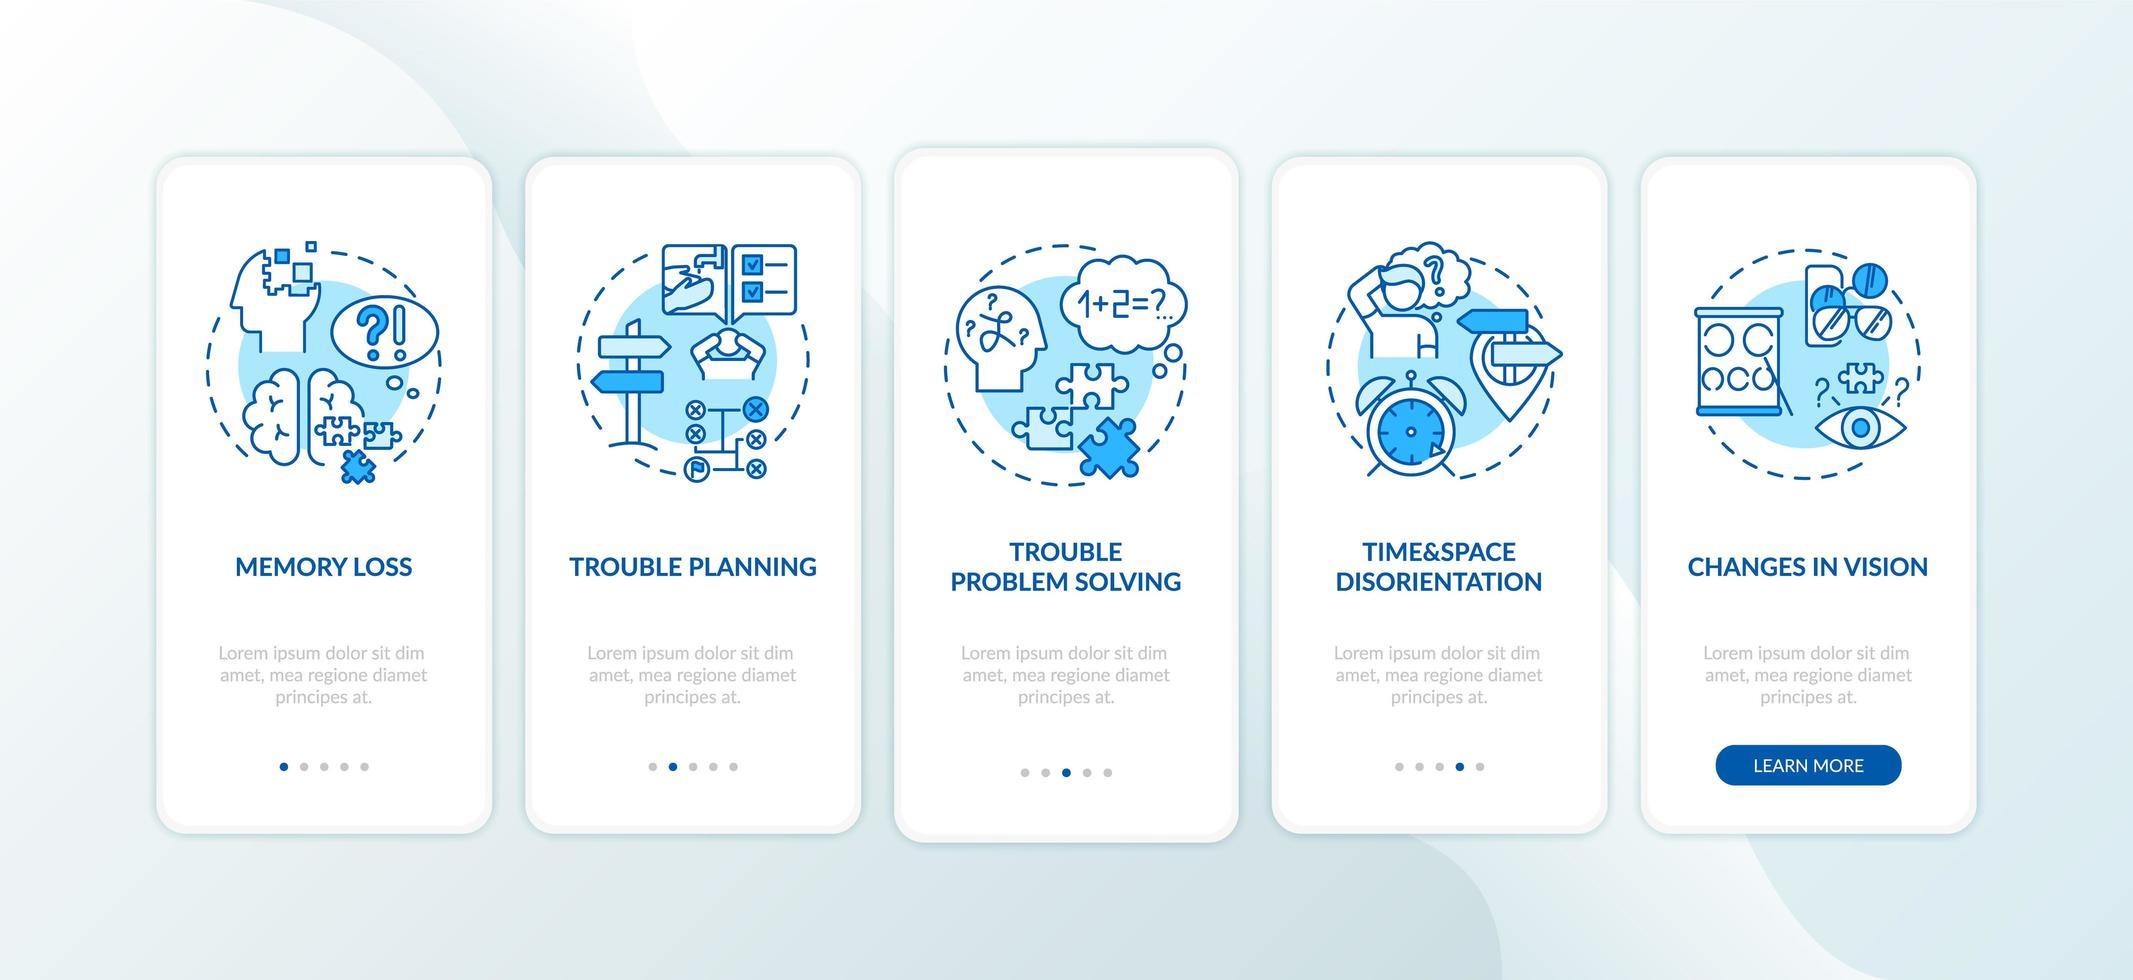 primeiros sinais de demência, telas de páginas de aplicativos móveis vetor